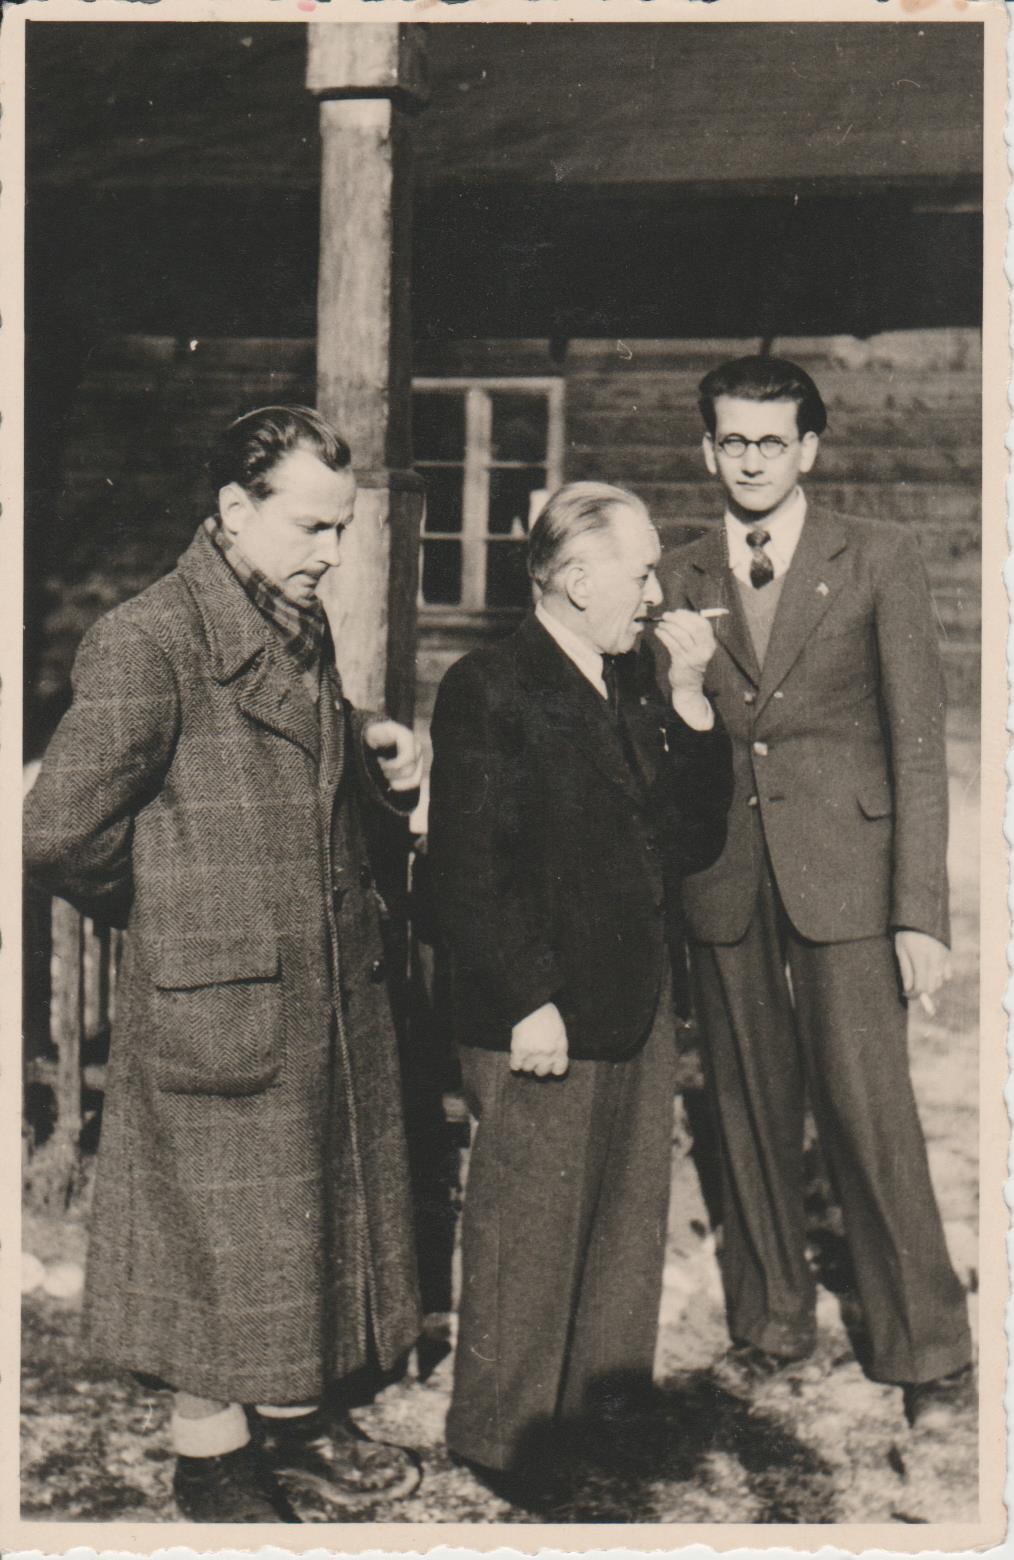 Krėvė viduryje, Glasenbachas, D.P.1946 m.      V. Krėvės memorialinio muziejaus nuotr.